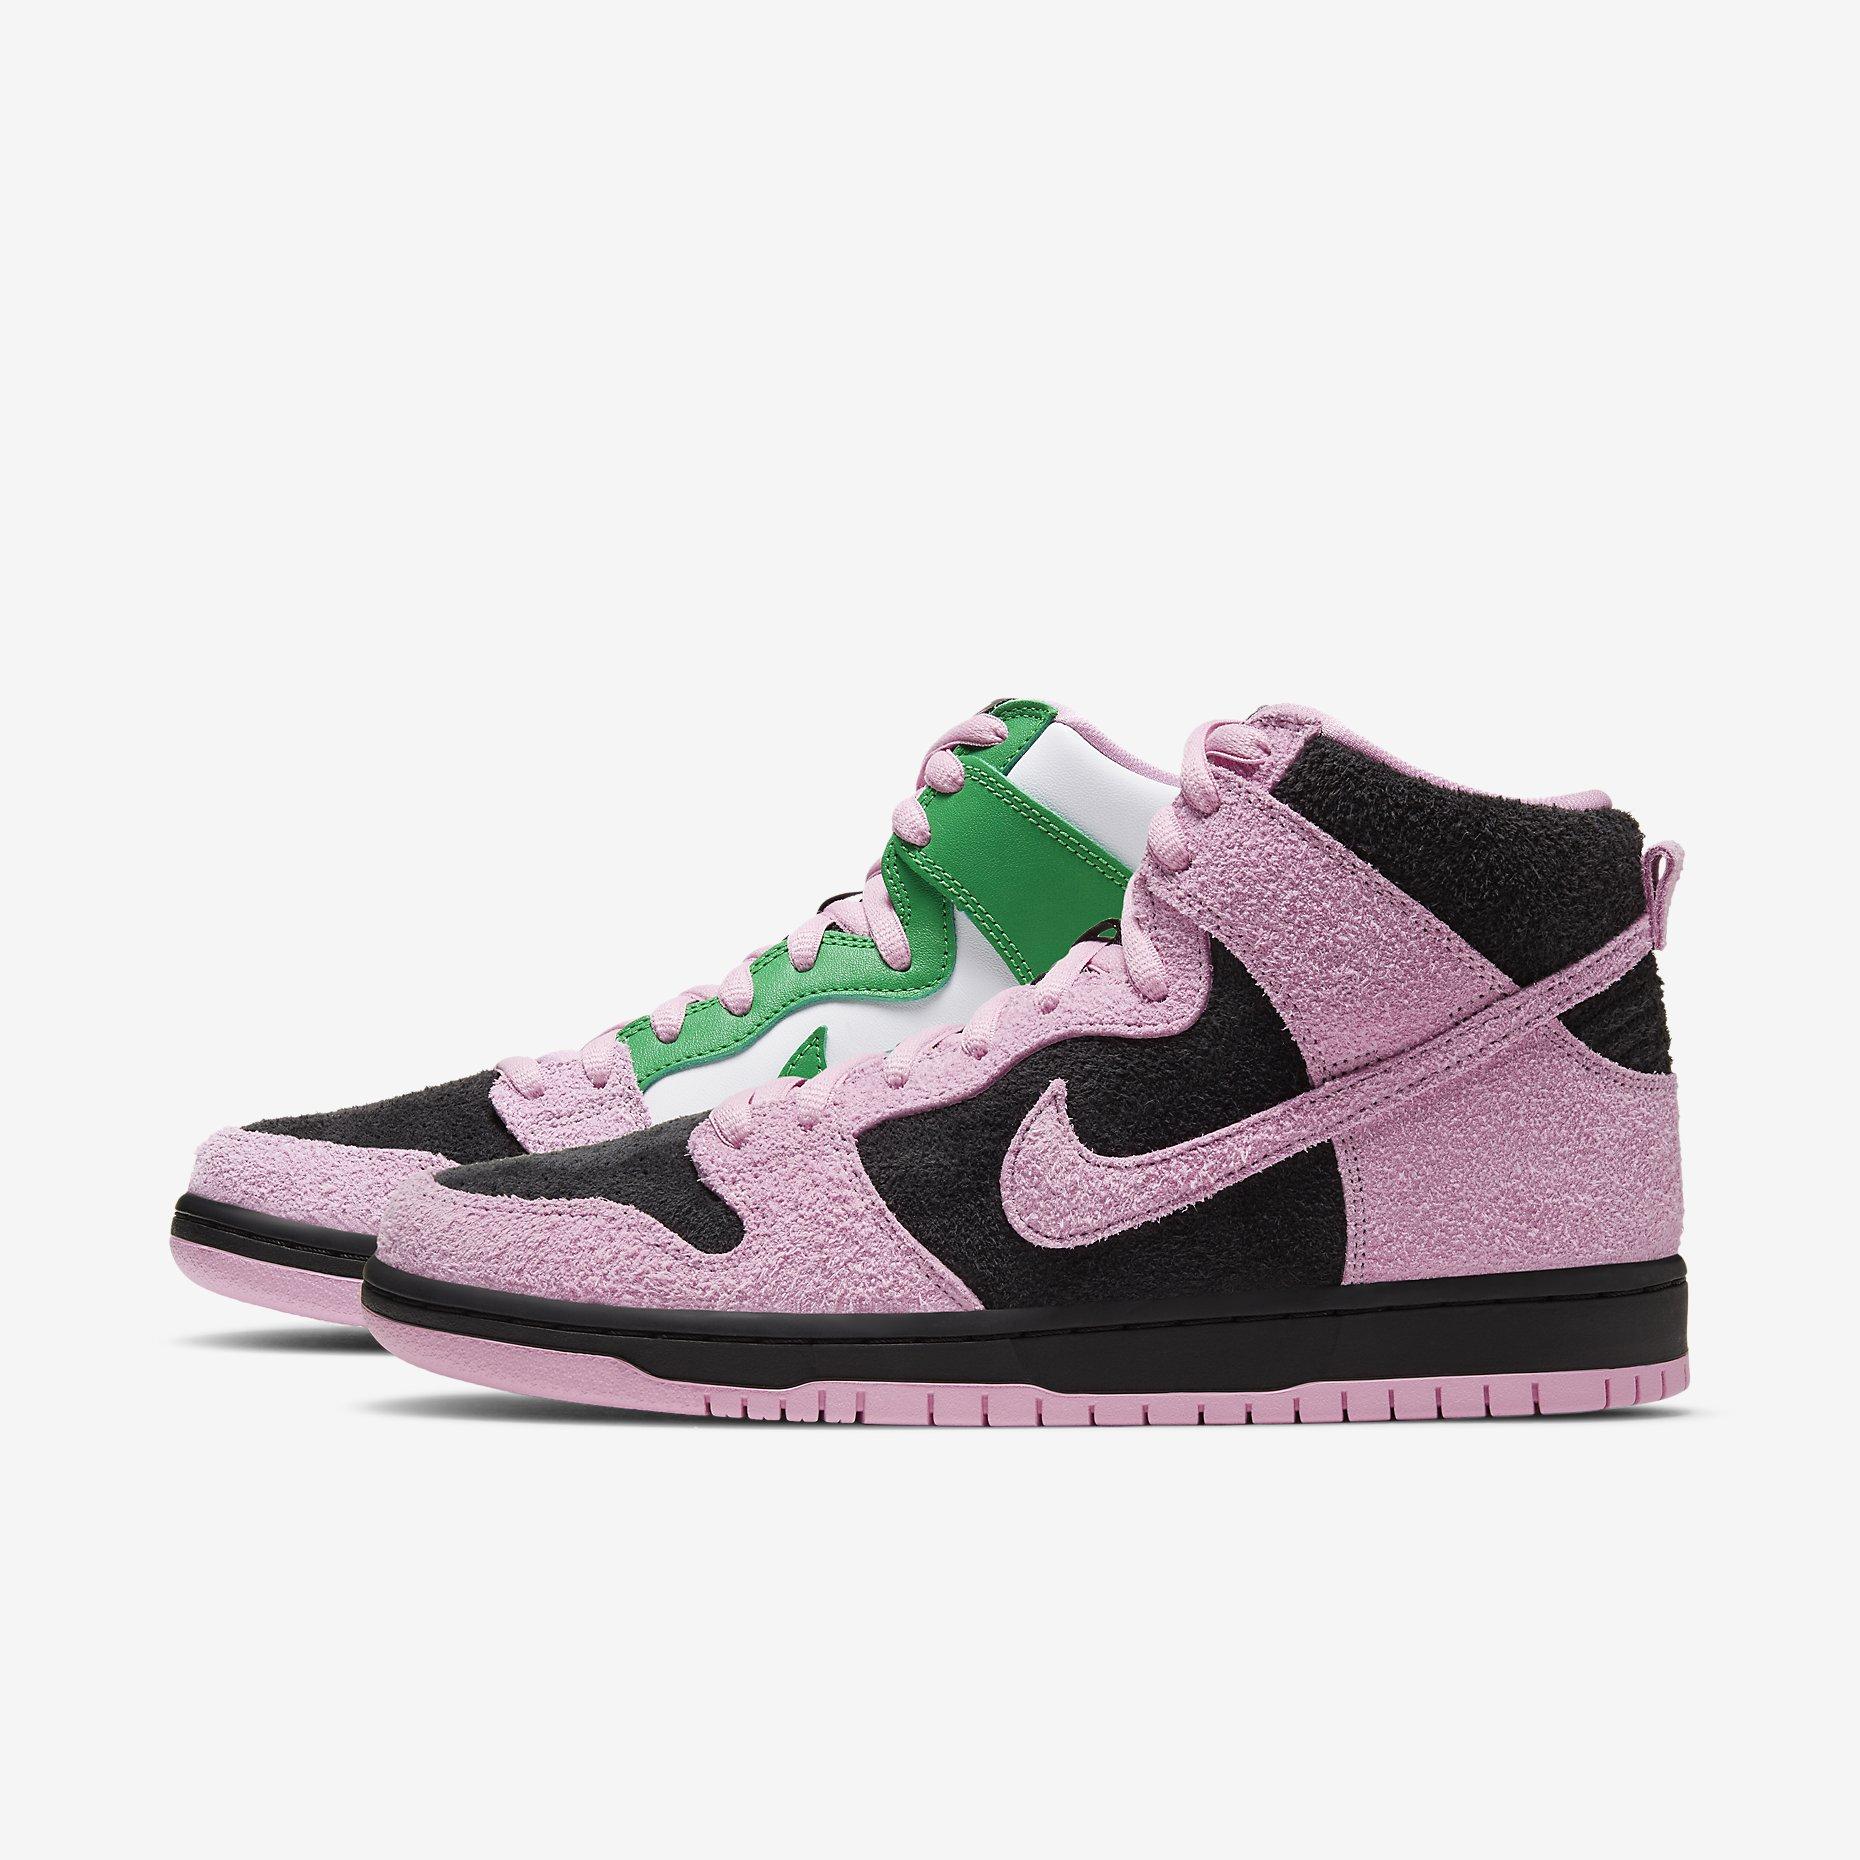 Nike SB Dunk High Pro PRM 'Invert Celtics'}